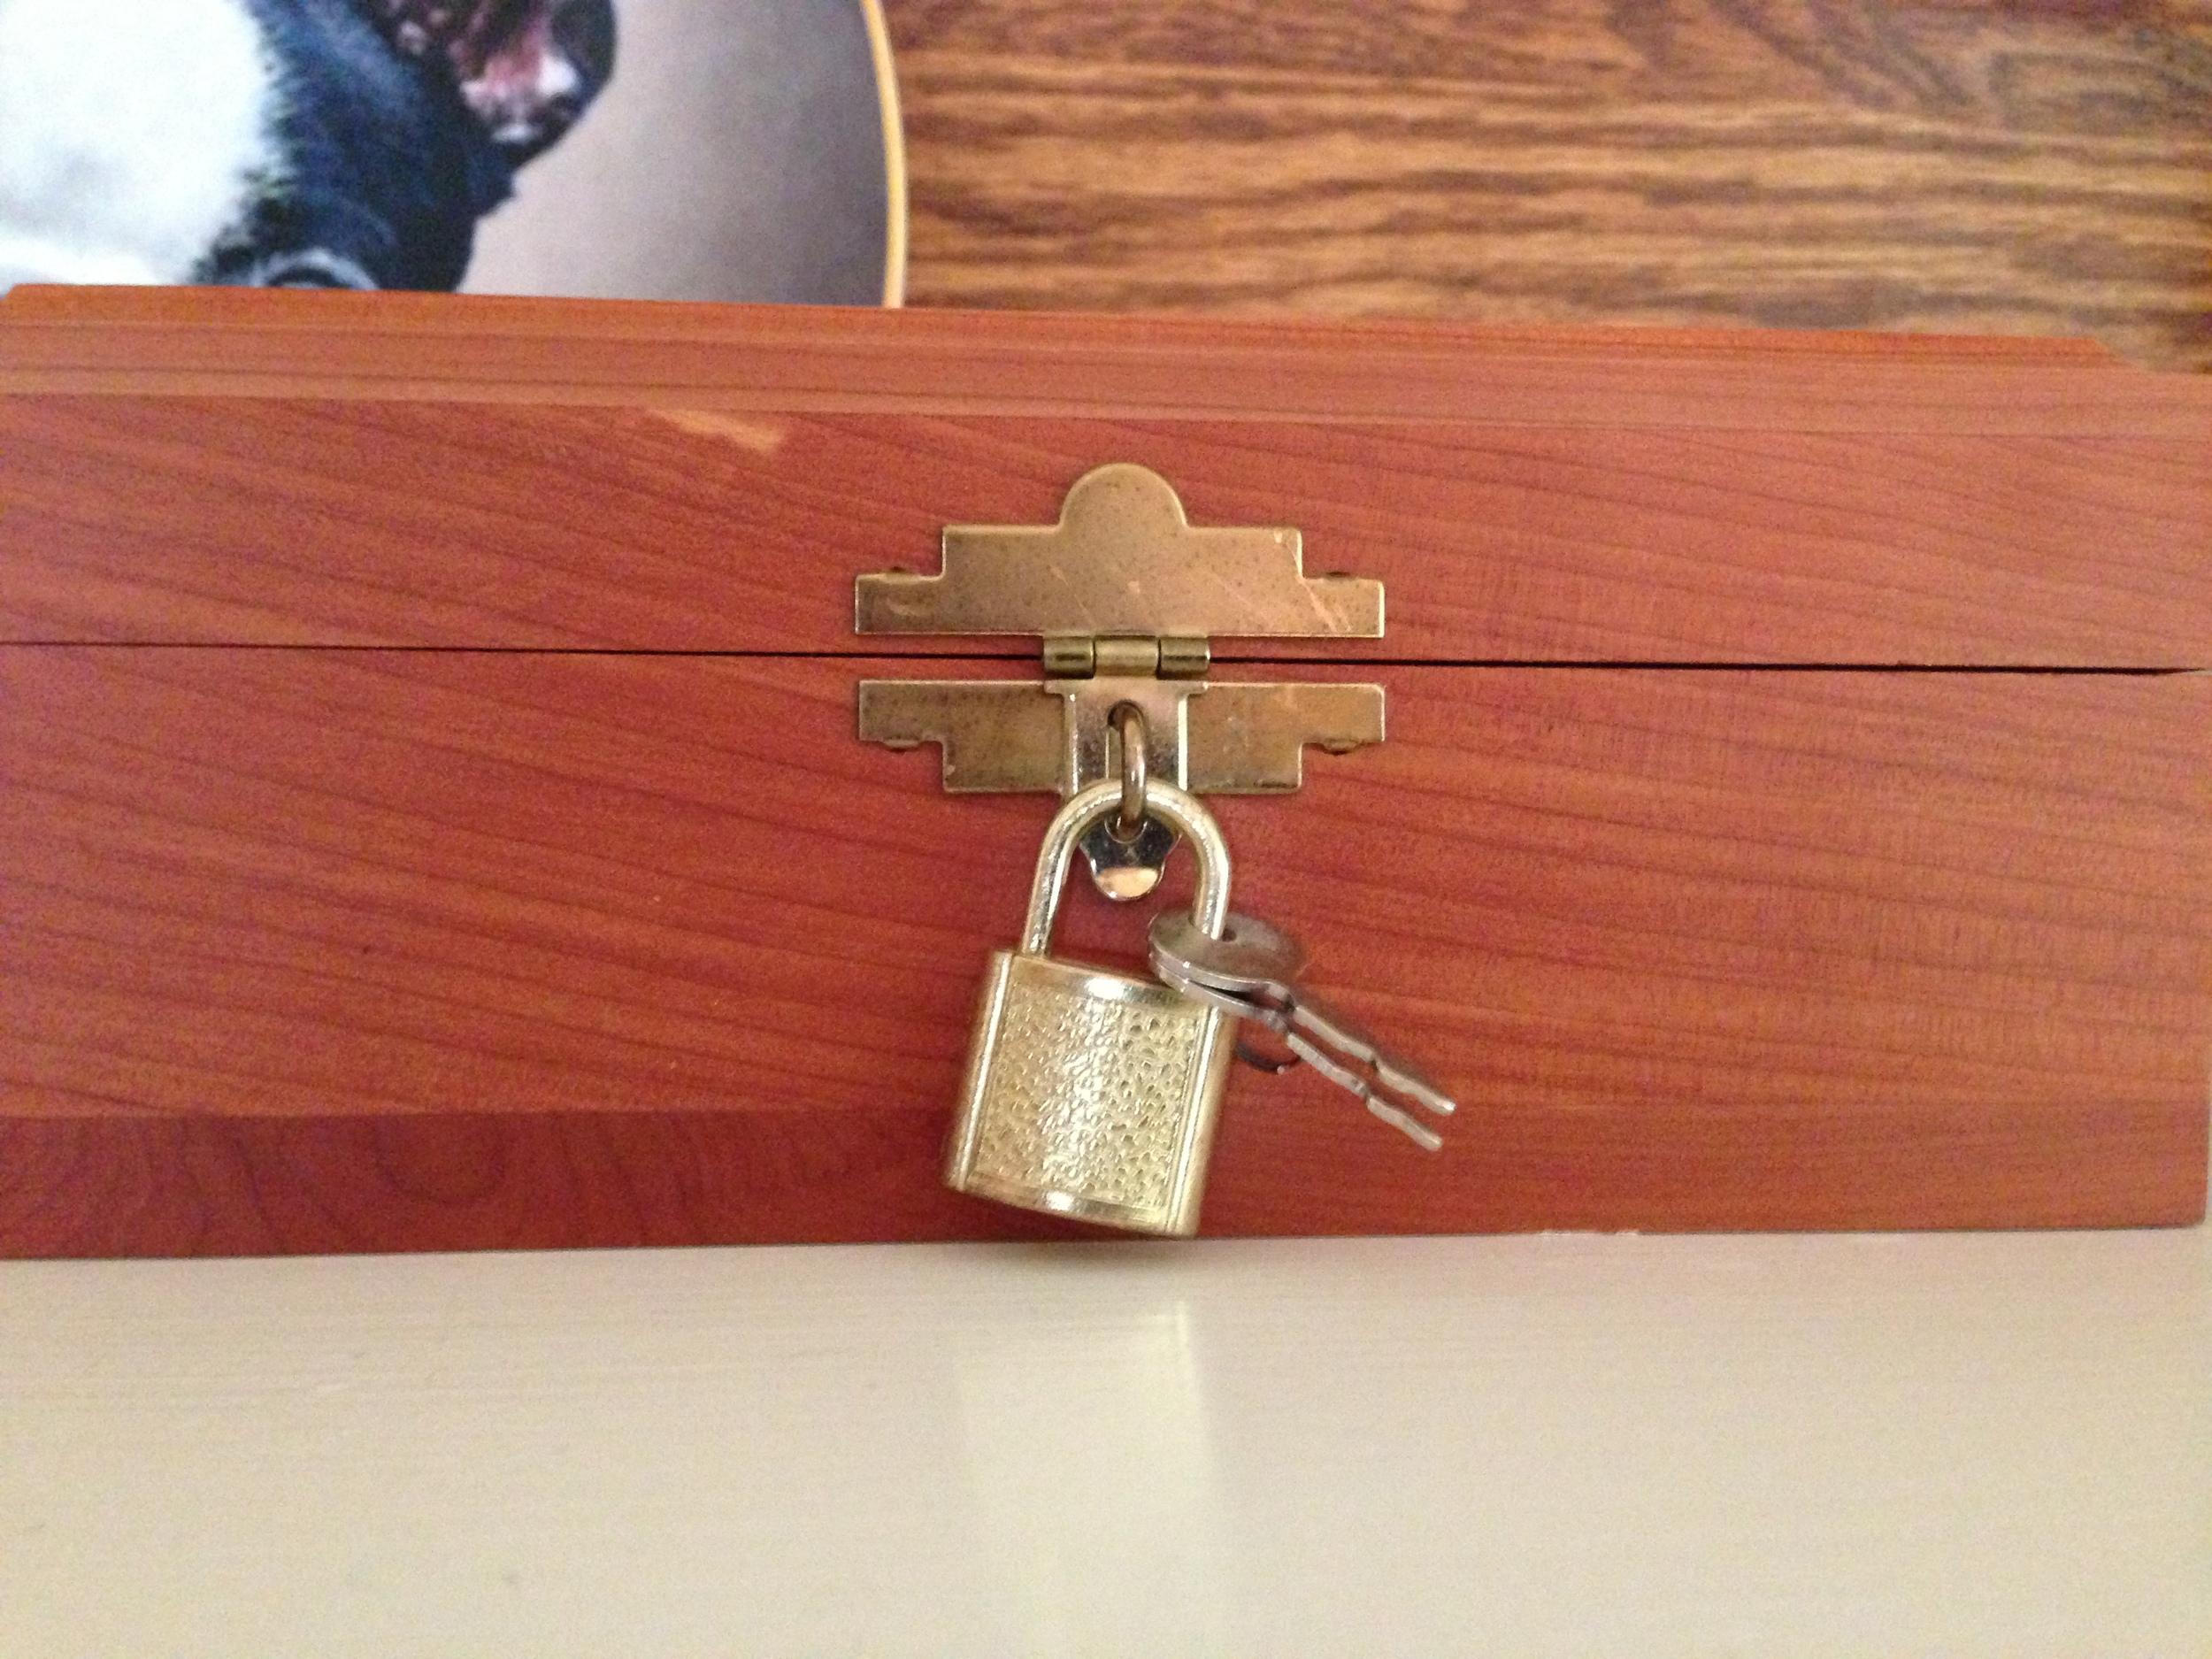 lockedbox.jpg